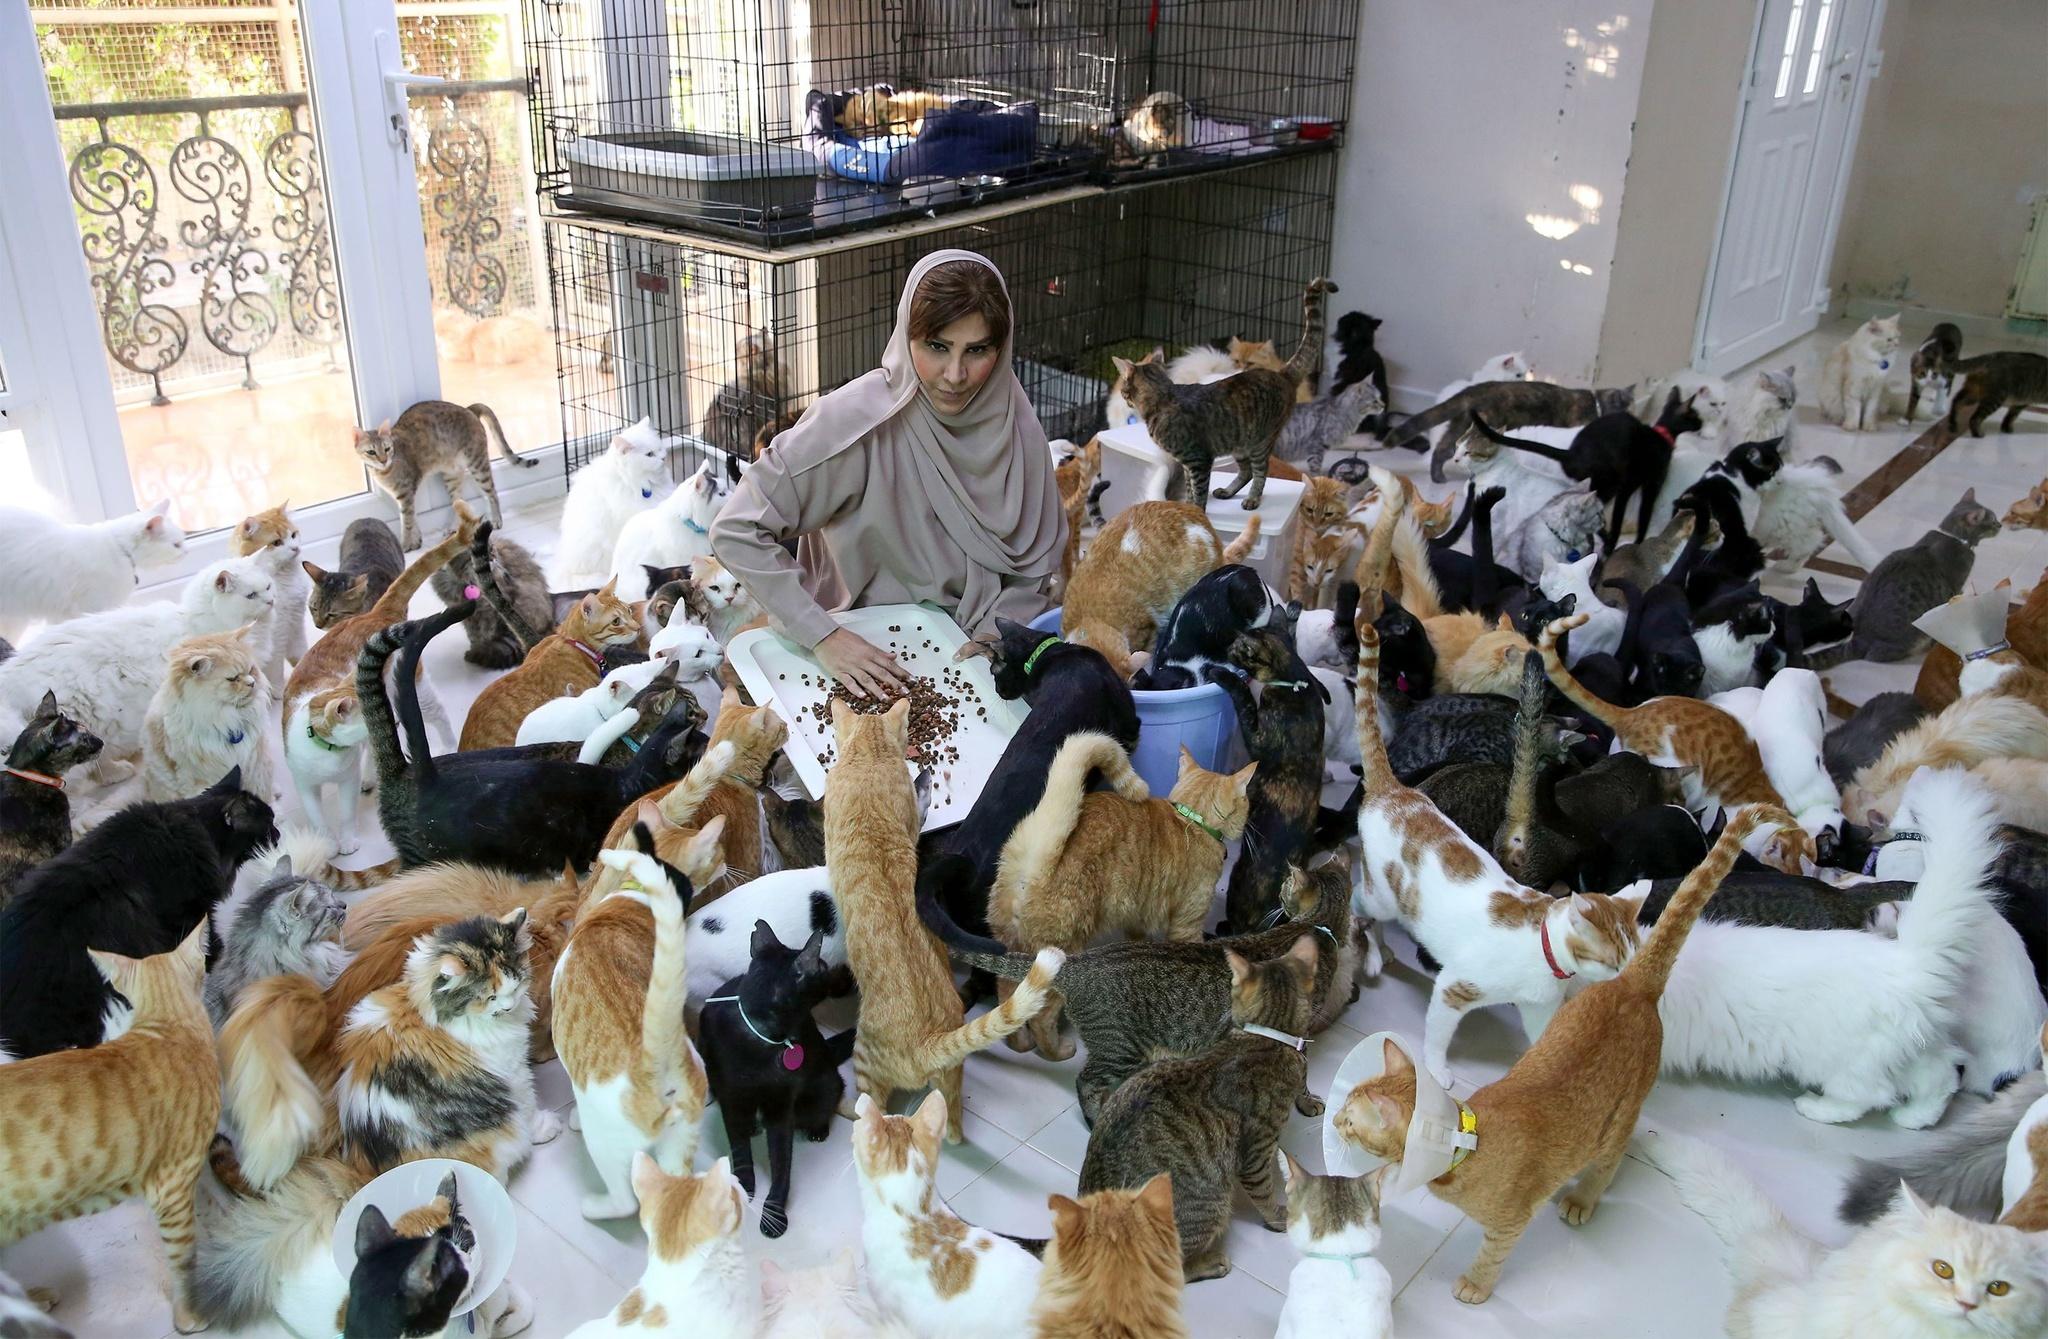 オマーンの首都は「マスキャット」? 480匹の猫屋敷、餌代月80万円(AFP=時事) - Yahoo!ニュース